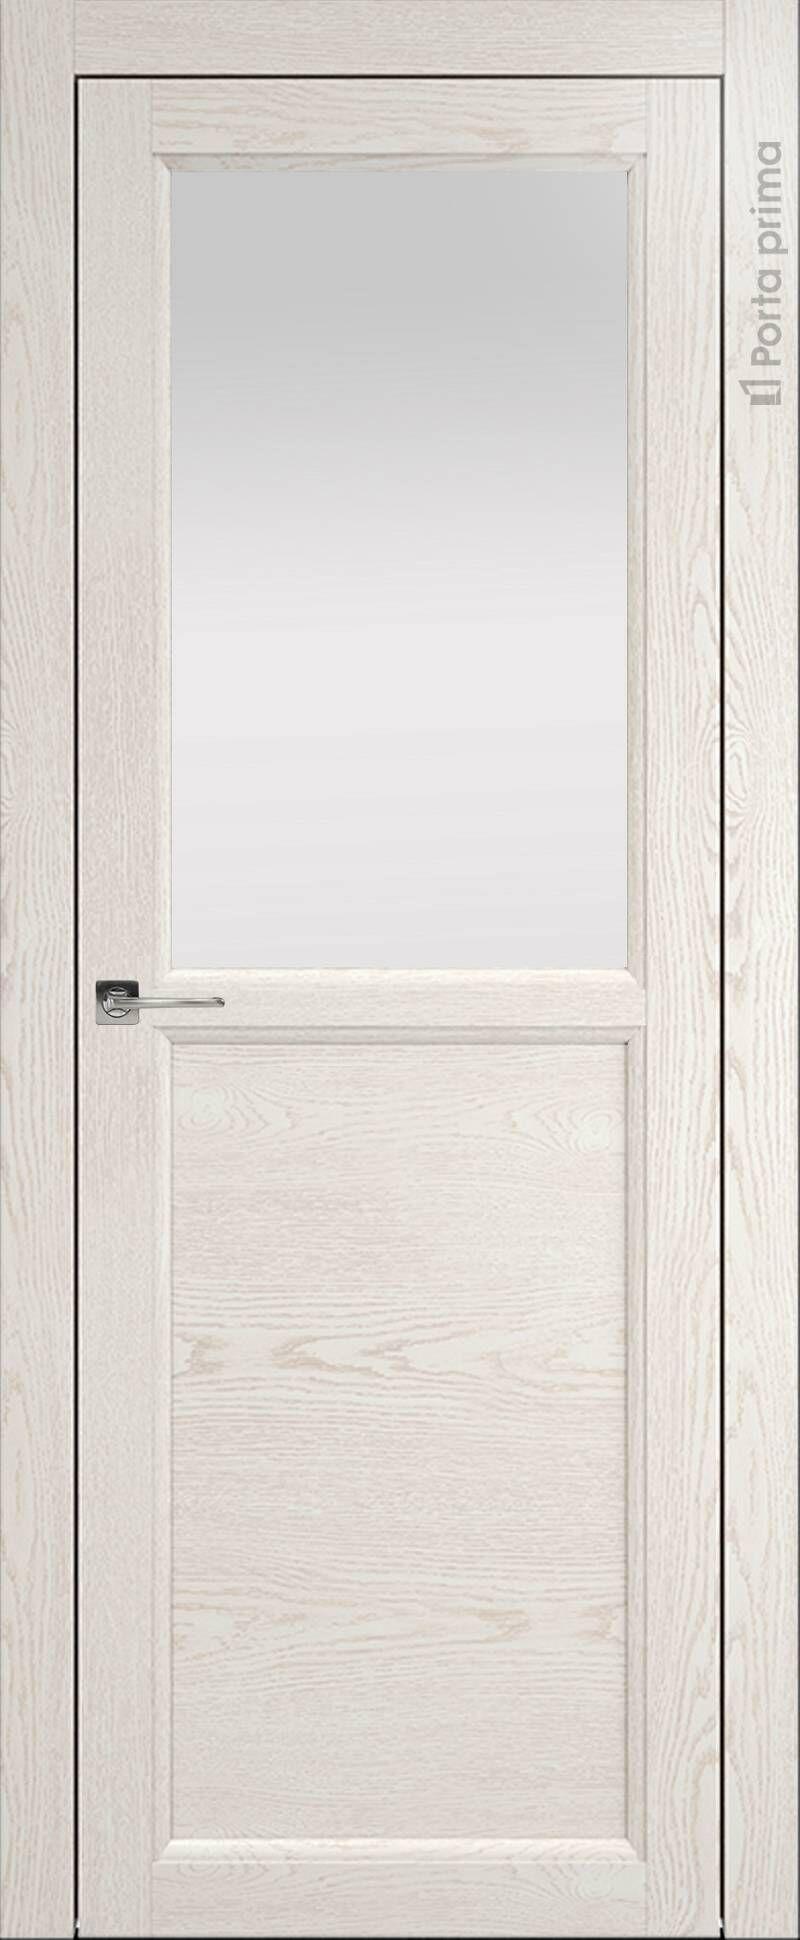 Sorrento-R Б1 цвет - Белый ясень (nano-flex) Со стеклом (ДО)